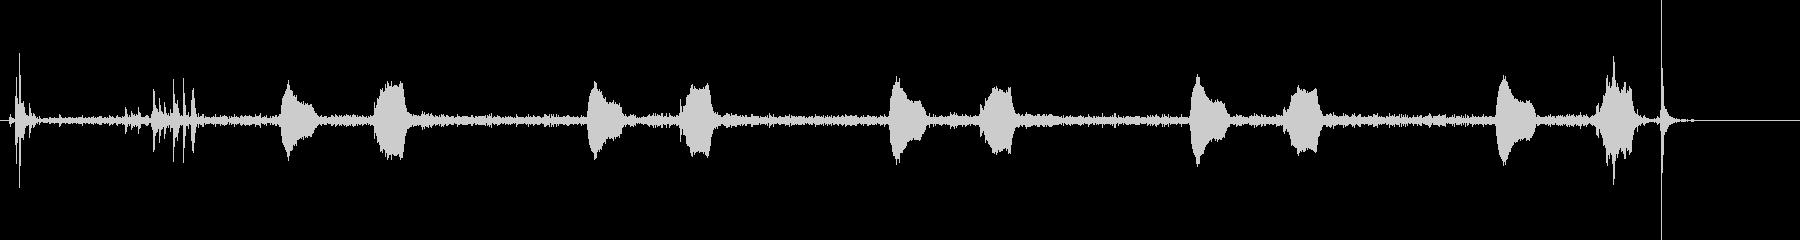 鳩時計1:ストライクファイブオクロ...の未再生の波形